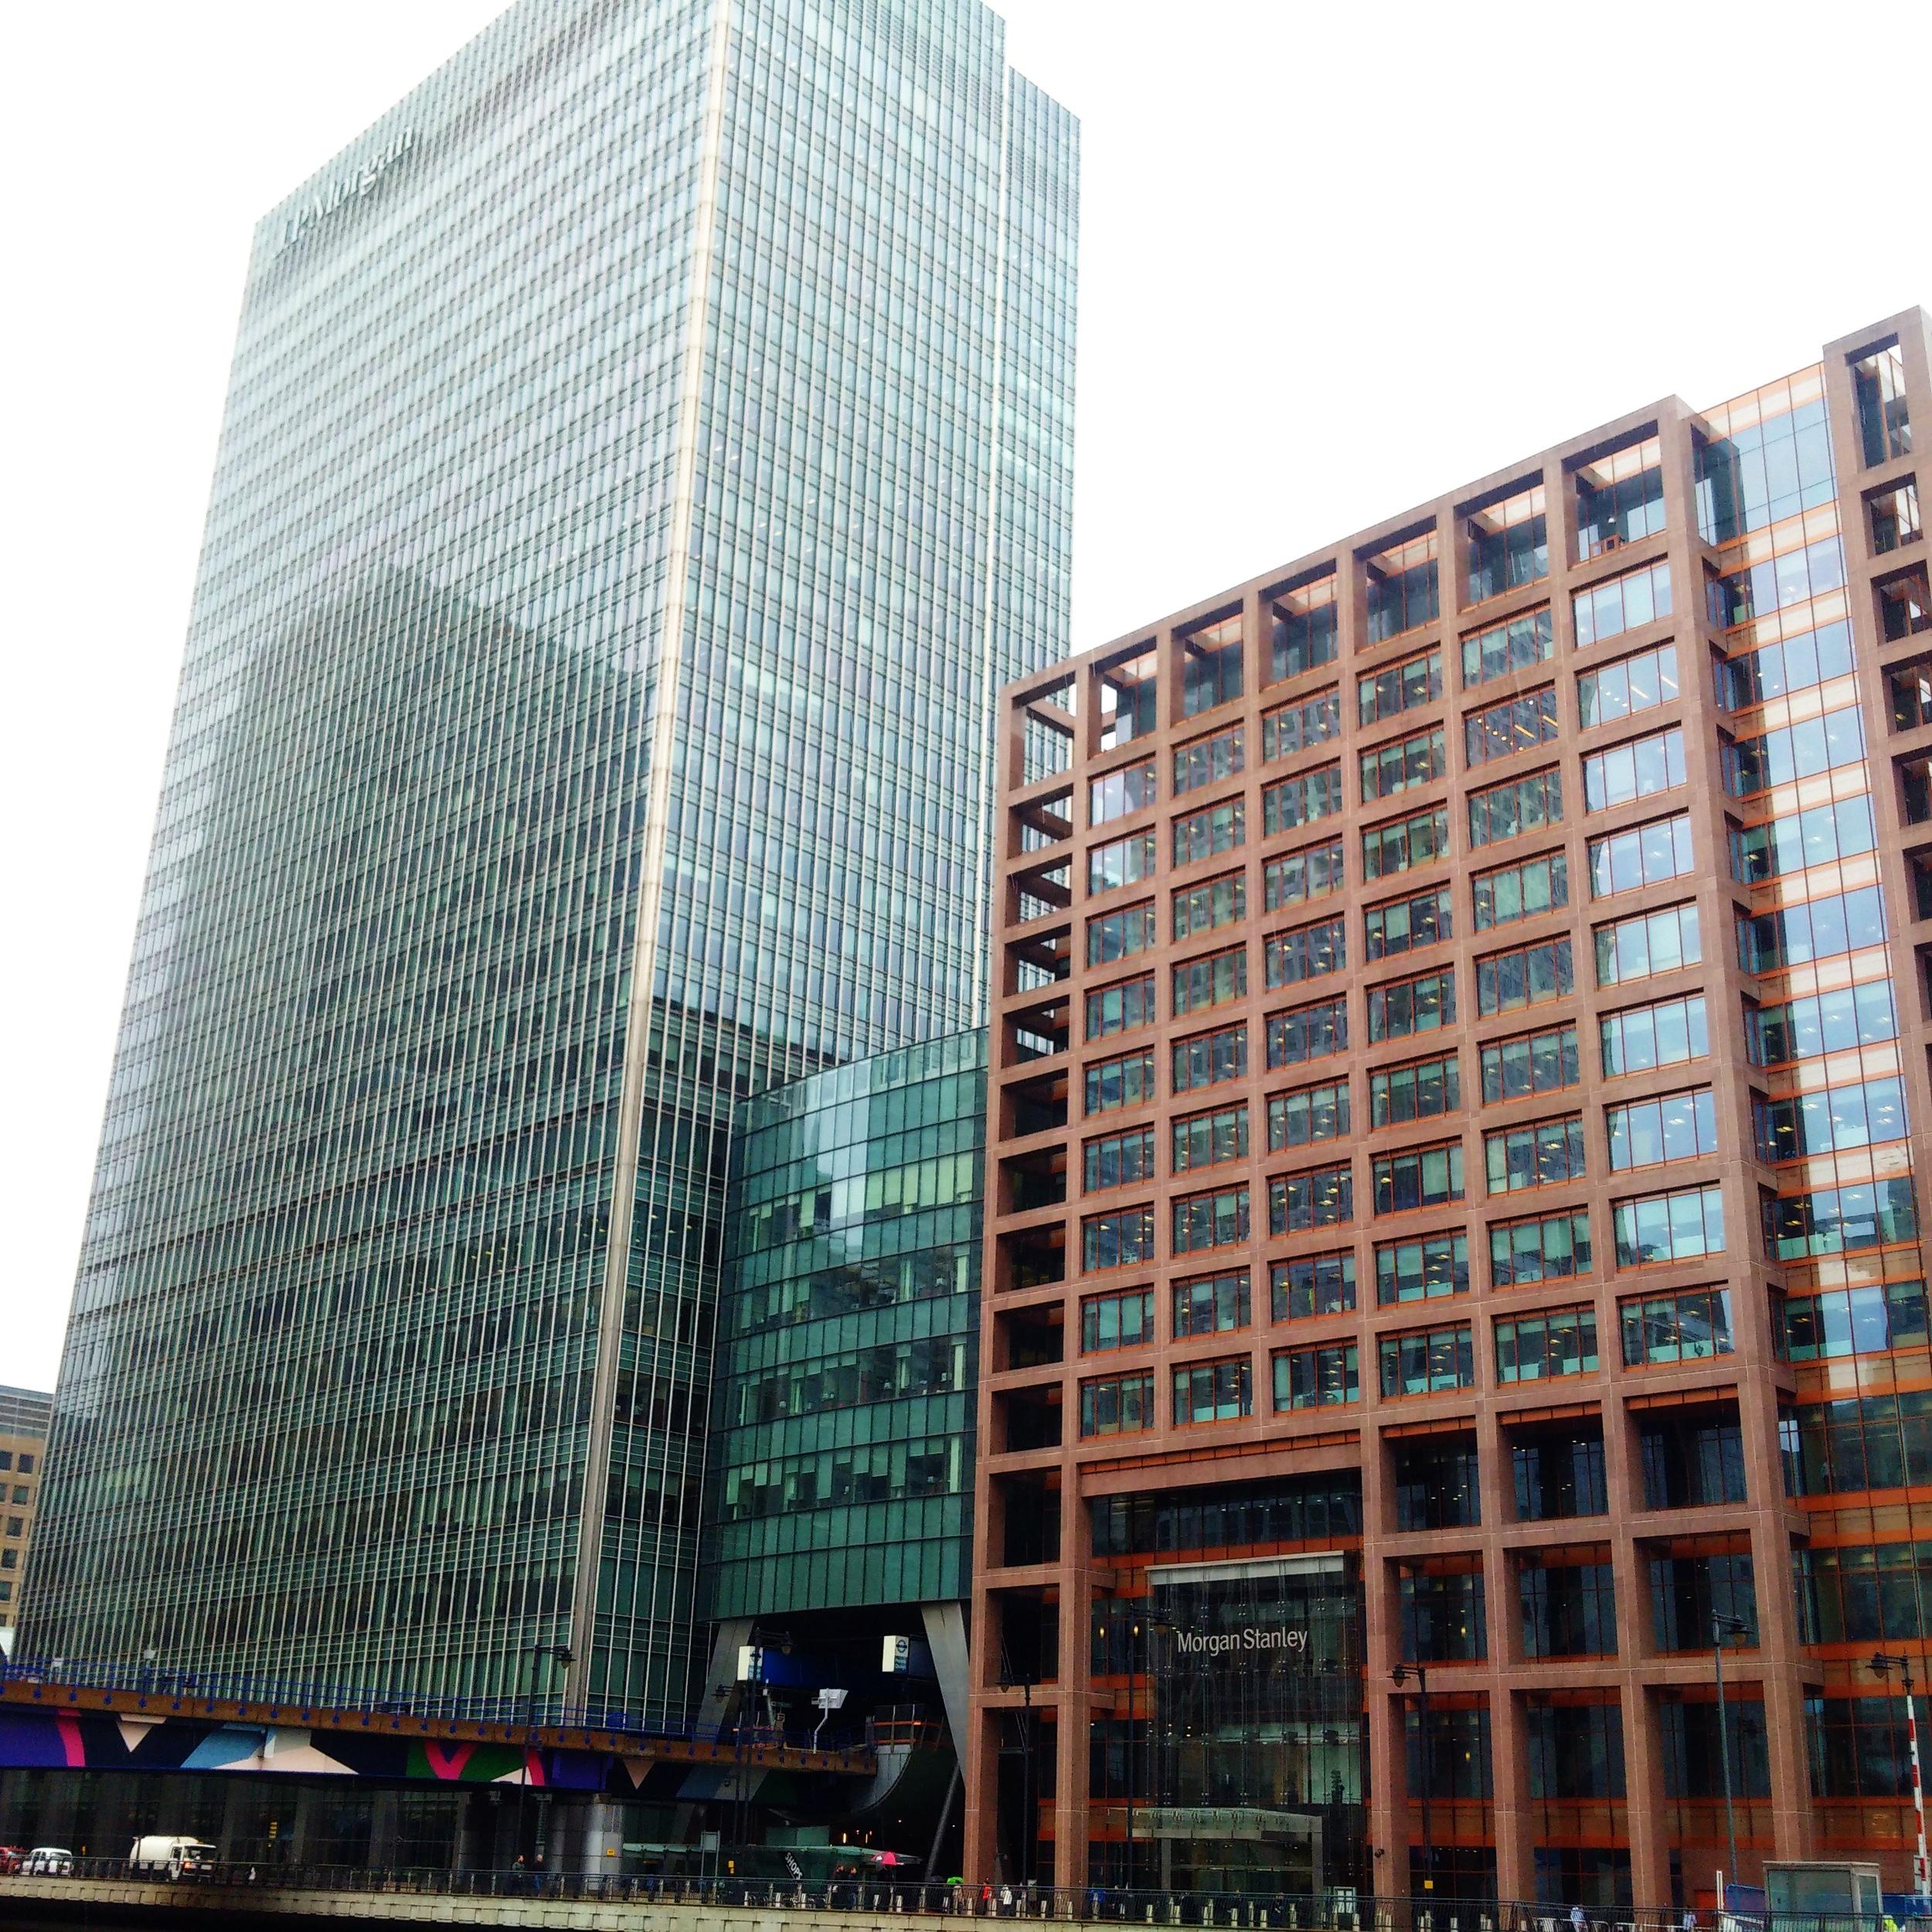 Morgan Stanley and JP Morgan